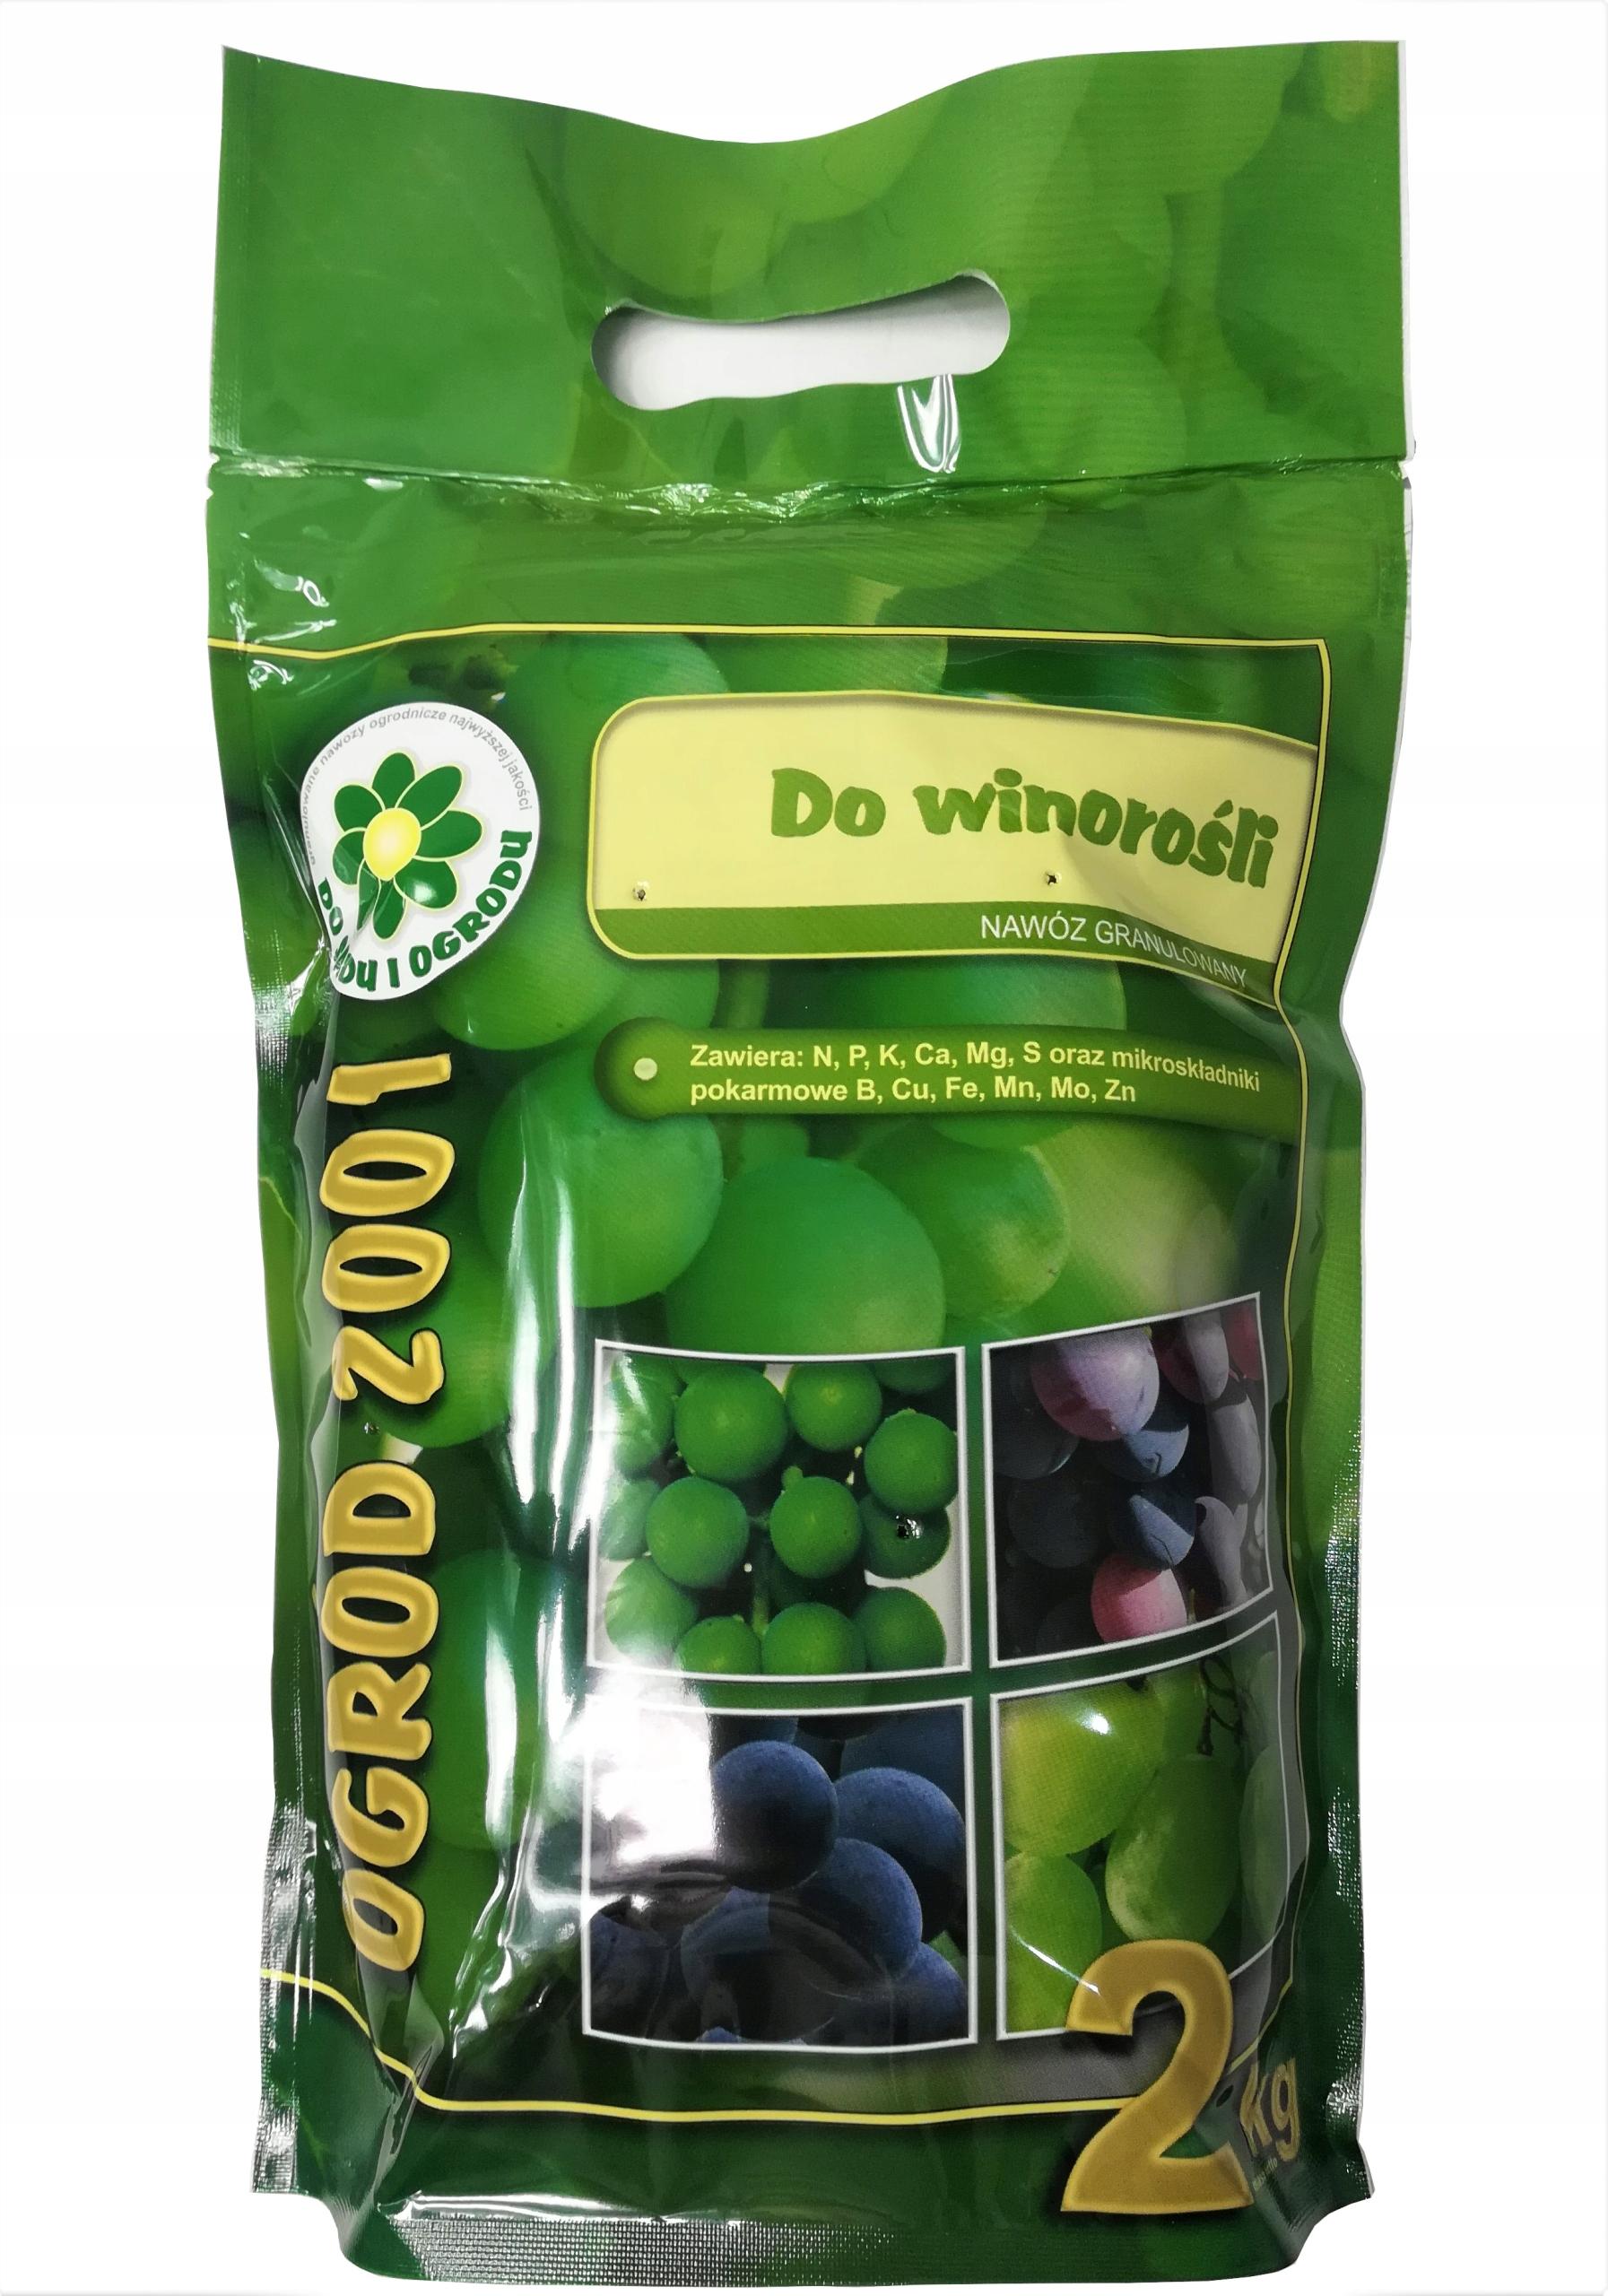 Удобрение для виноградной лозы с крыжовником и смородиной 2 кг